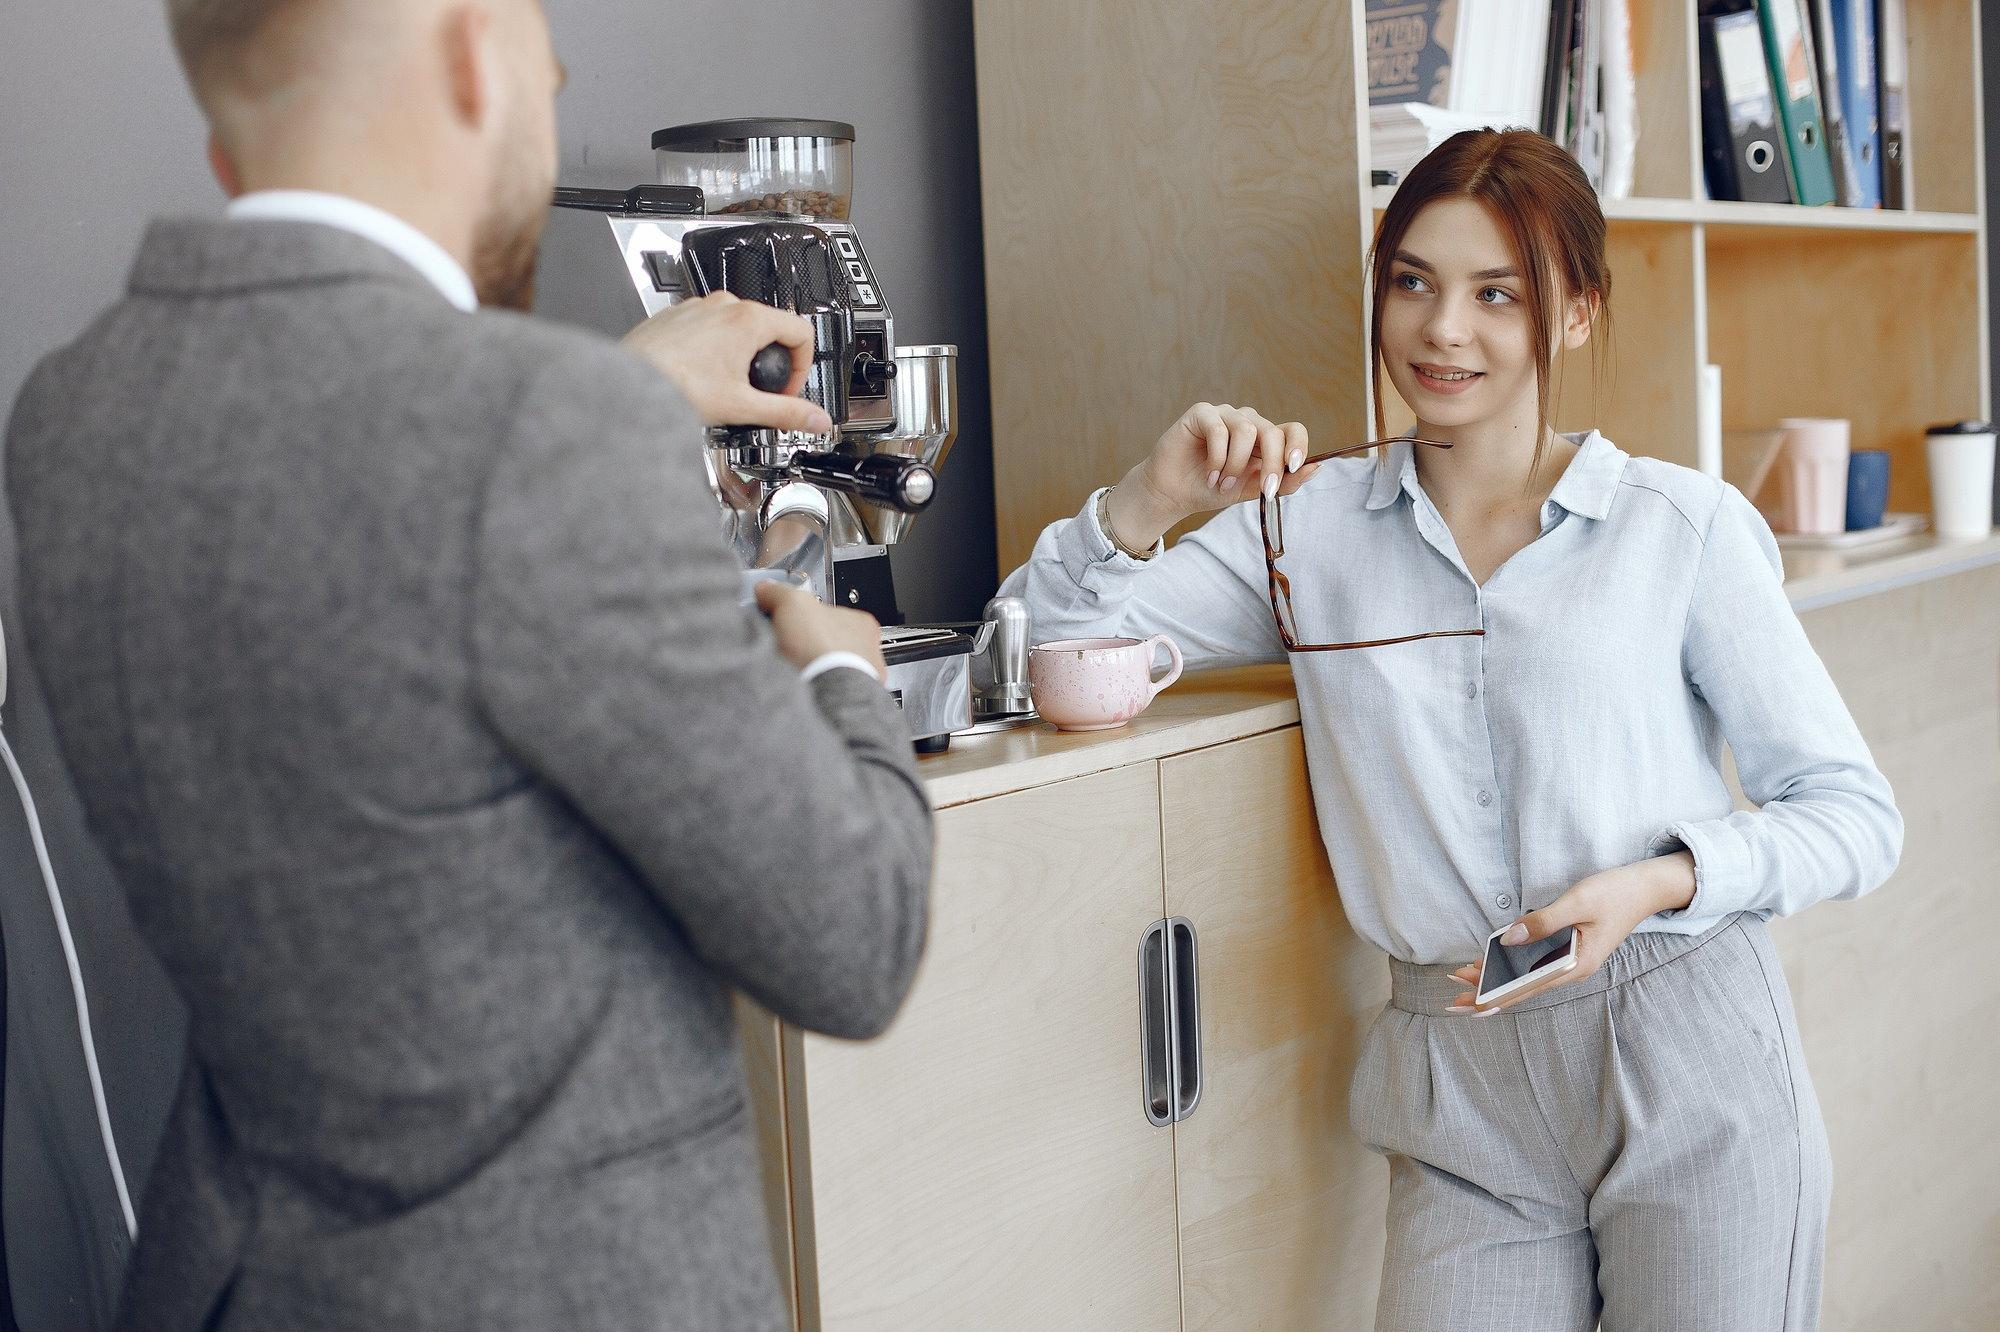 Кофе-брейк в офисе возле кофемашины